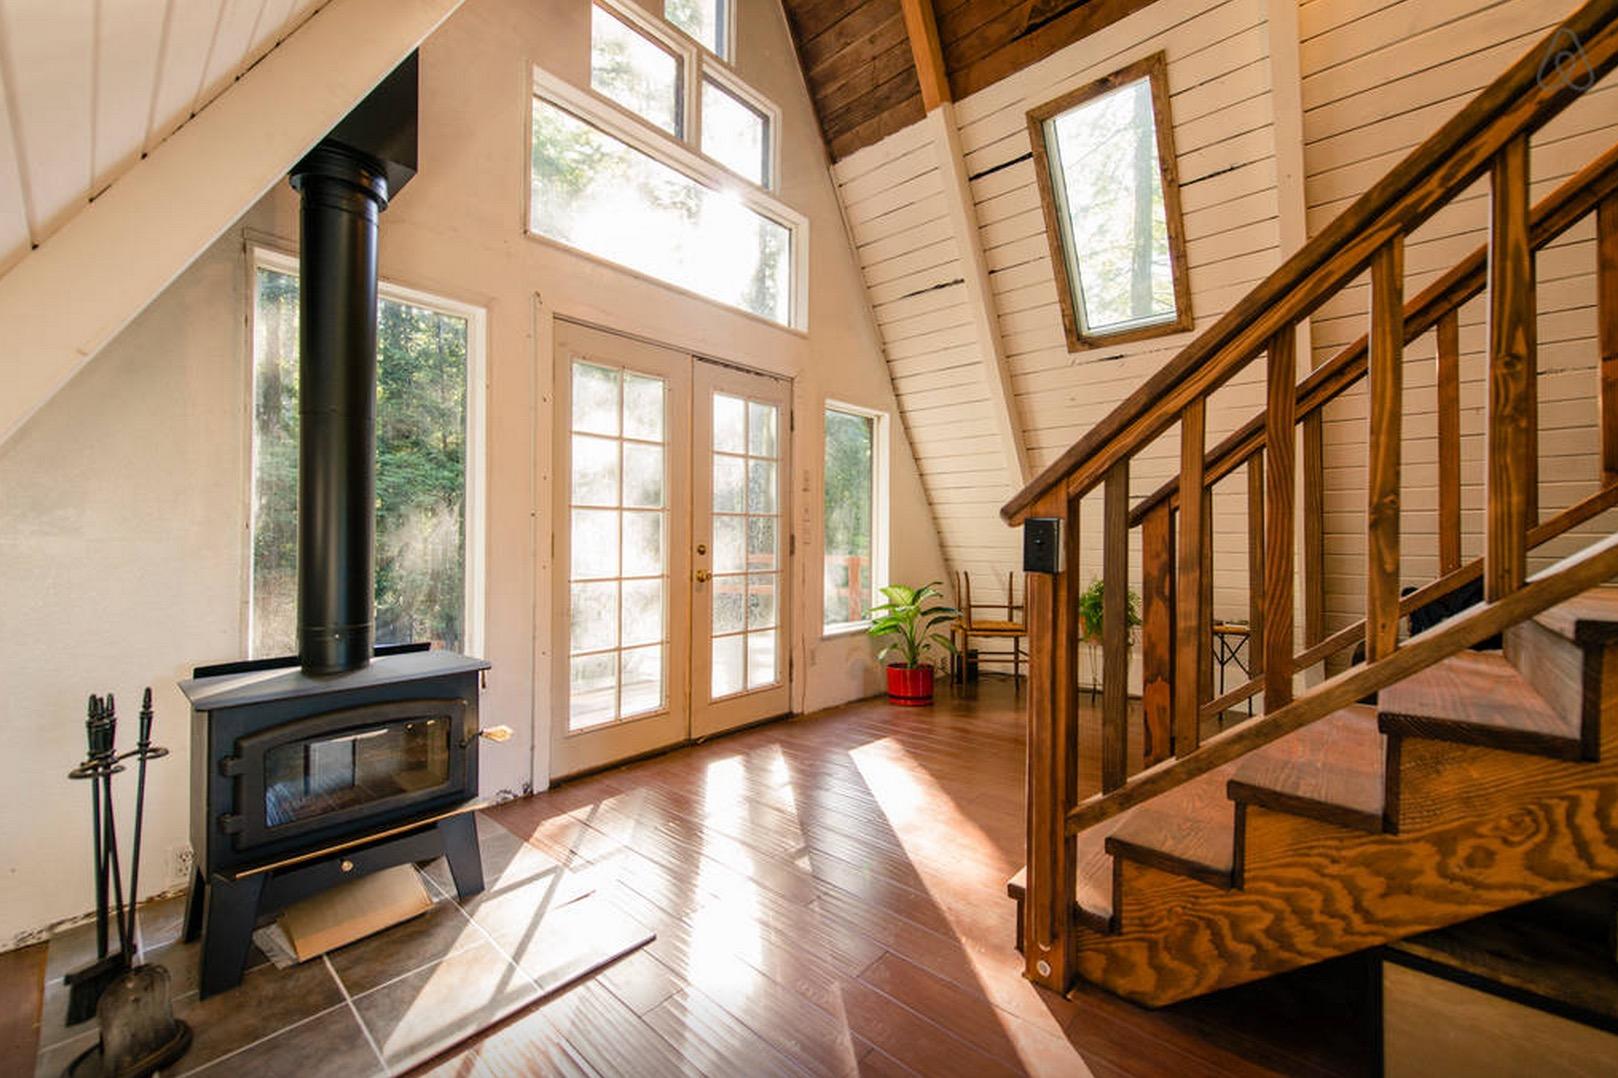 Cabin-Redwoods-Joli-Joli-Design-Cabine-03